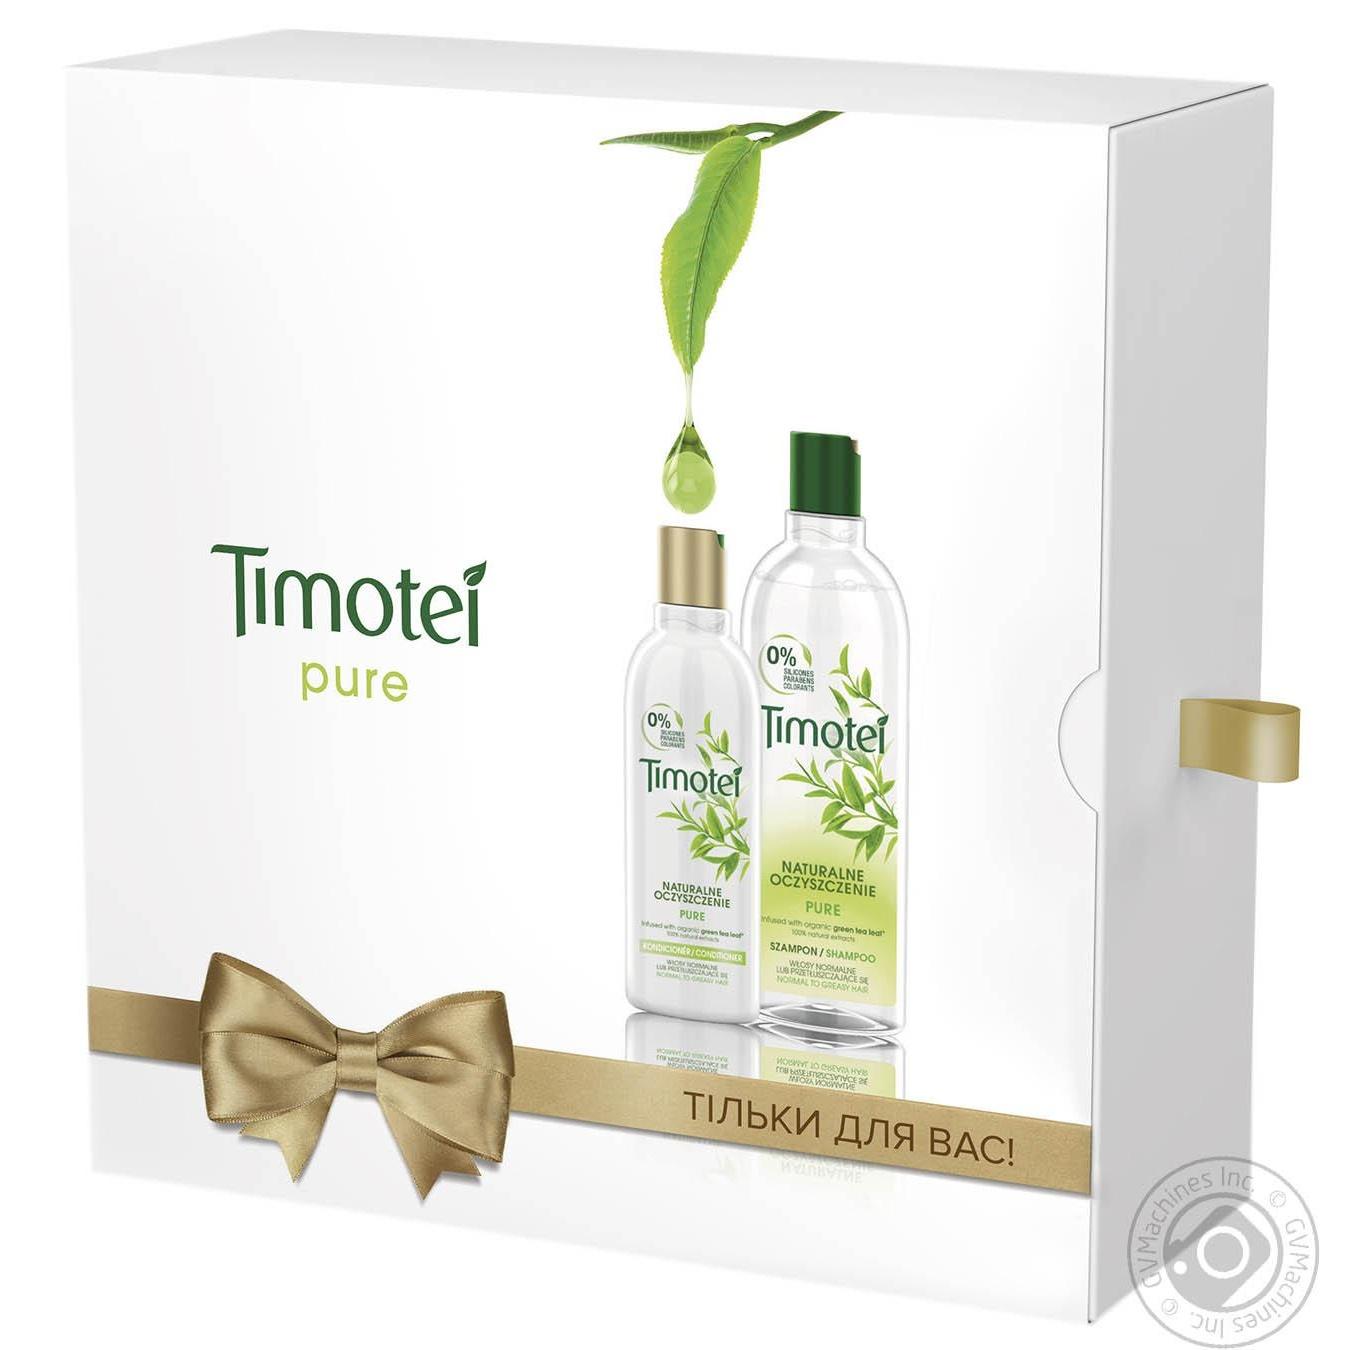 Набір подарунковий Timotei М який догляд → Гігієна → Подарунковий ... e1f1dff2af2d8